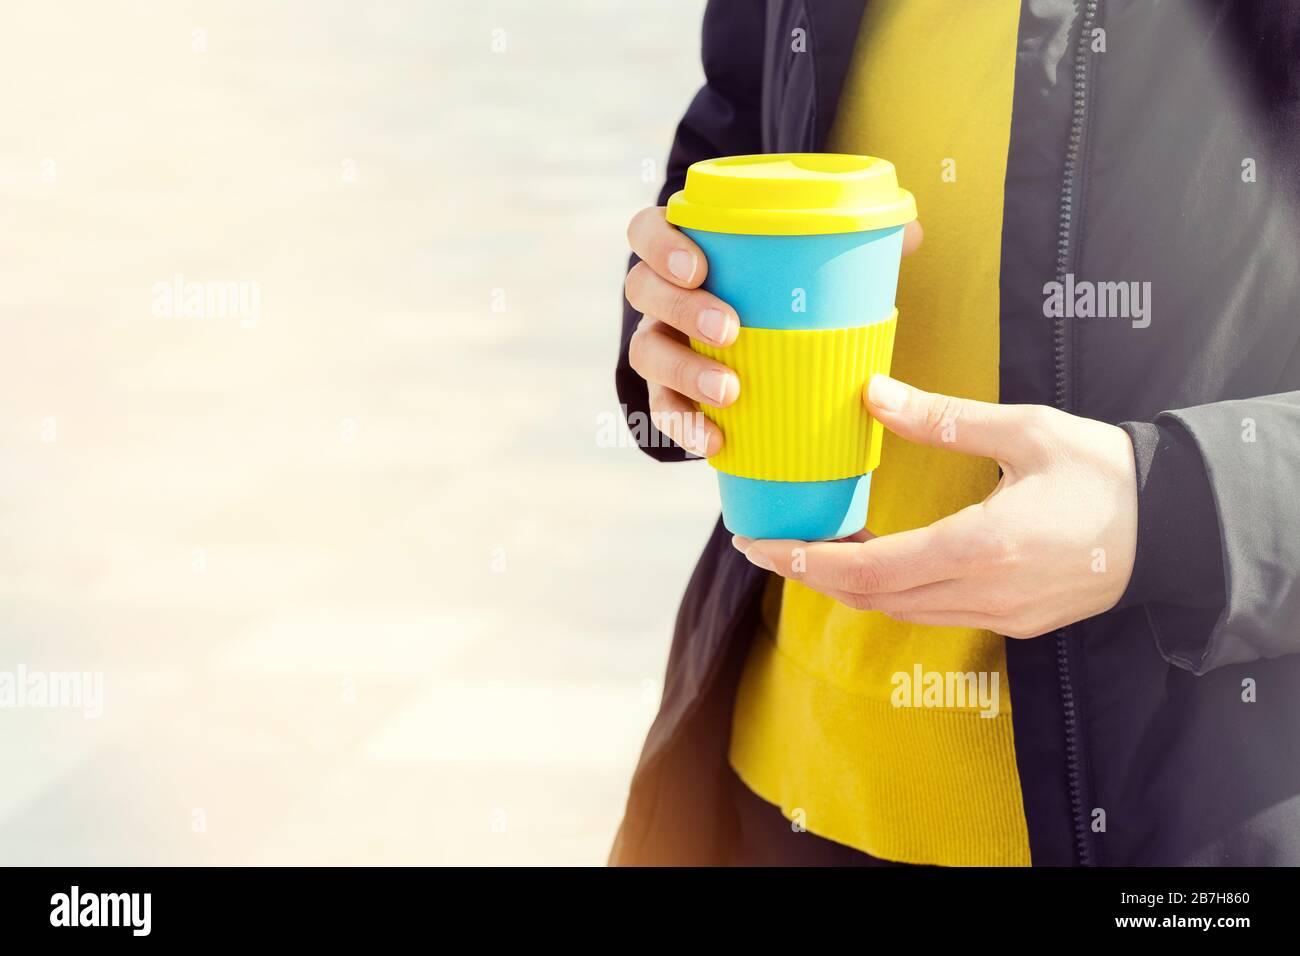 Taza de café reutilizable con las manos femeninas. Llévate el café a cualquier parte con una taza reutilizable. Foto de stock